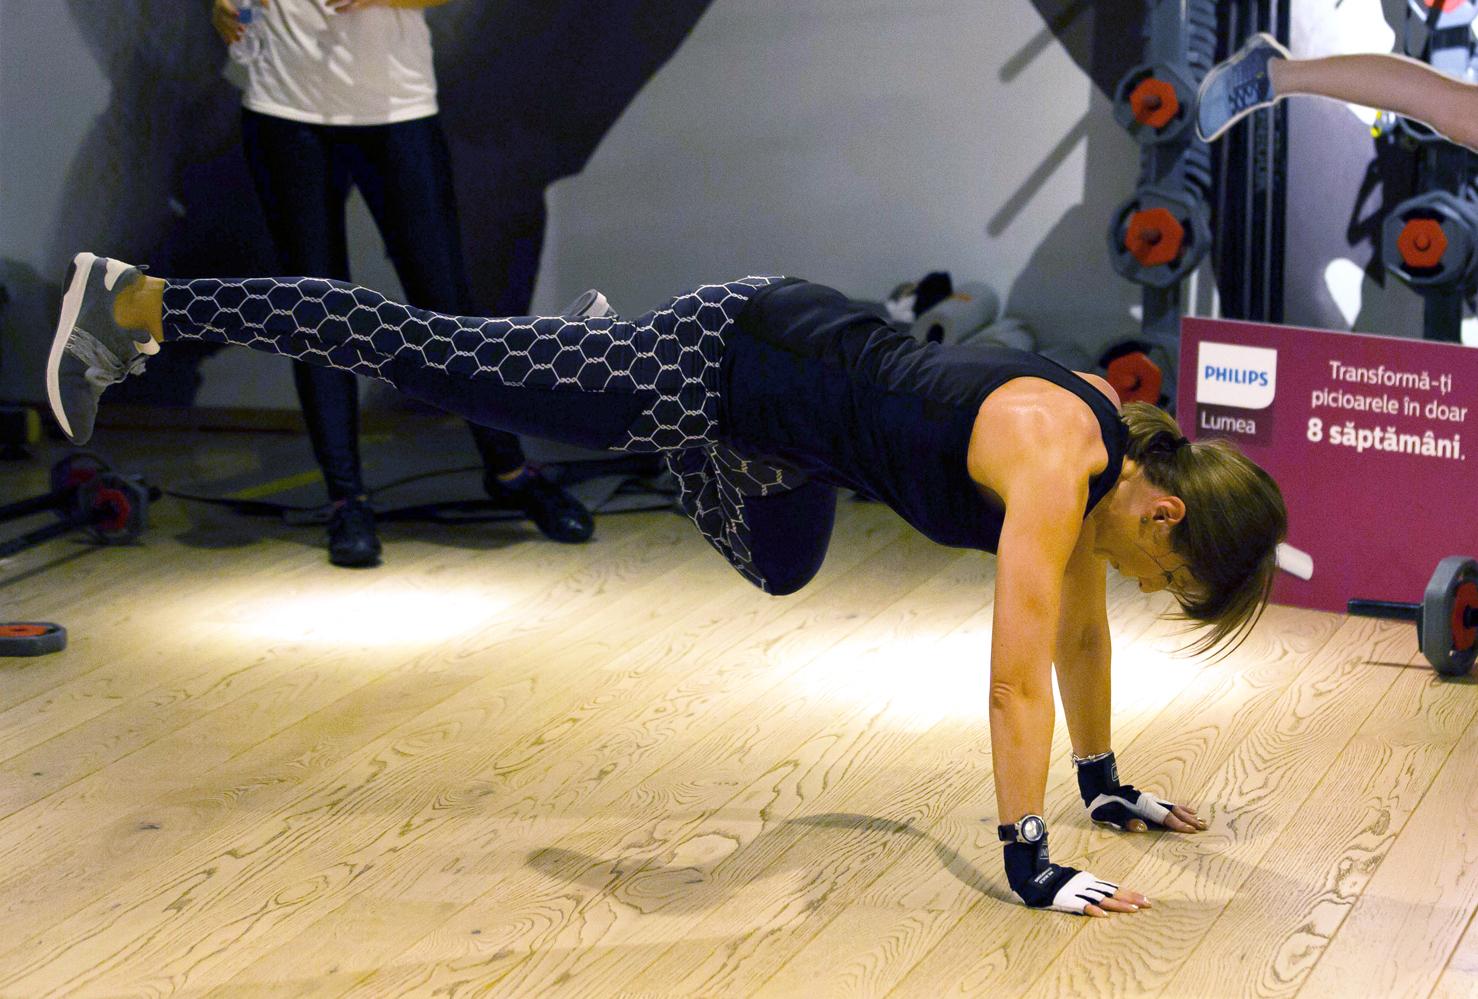 georgiana idriceanu w by world class grit philips lumea picioare de podium